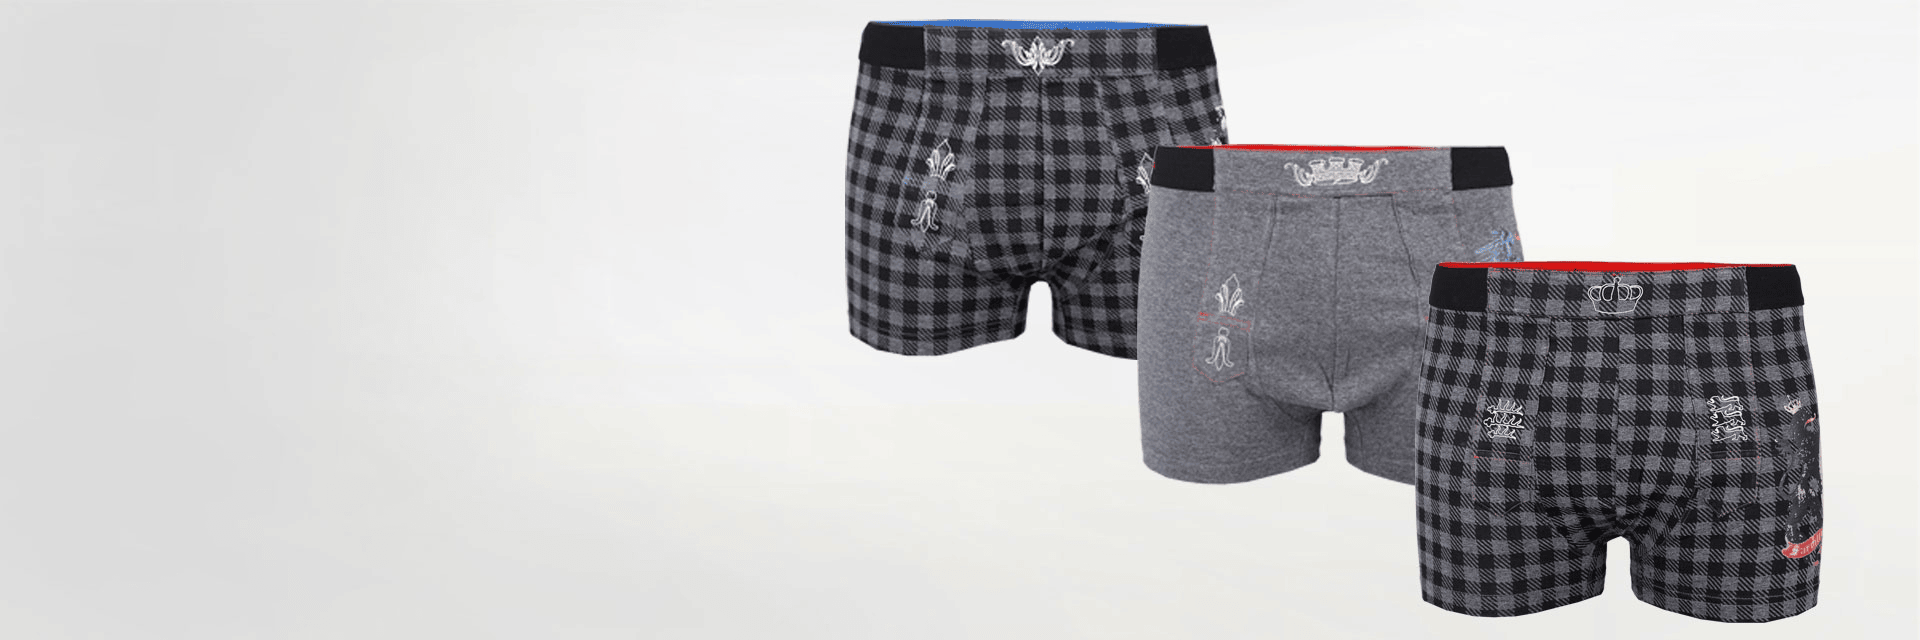 Trachten-Unterhosen